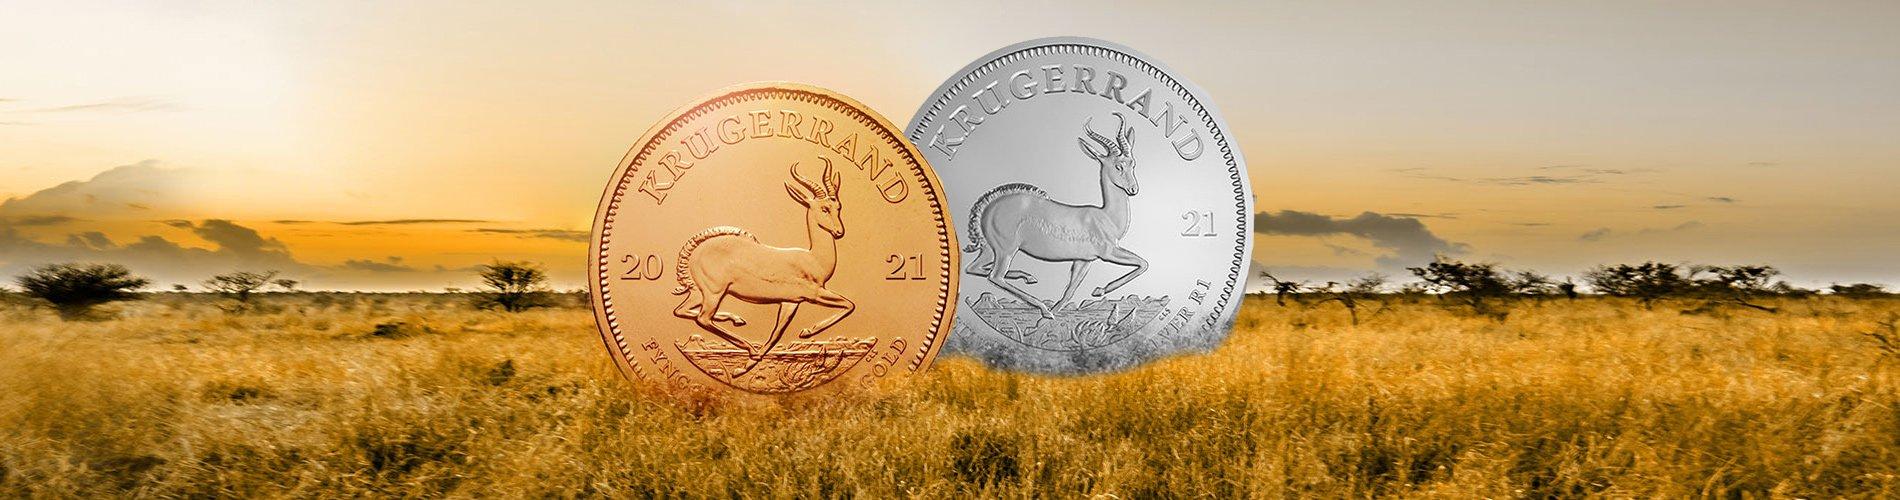 Produktübersicht Krügerrand Münzen